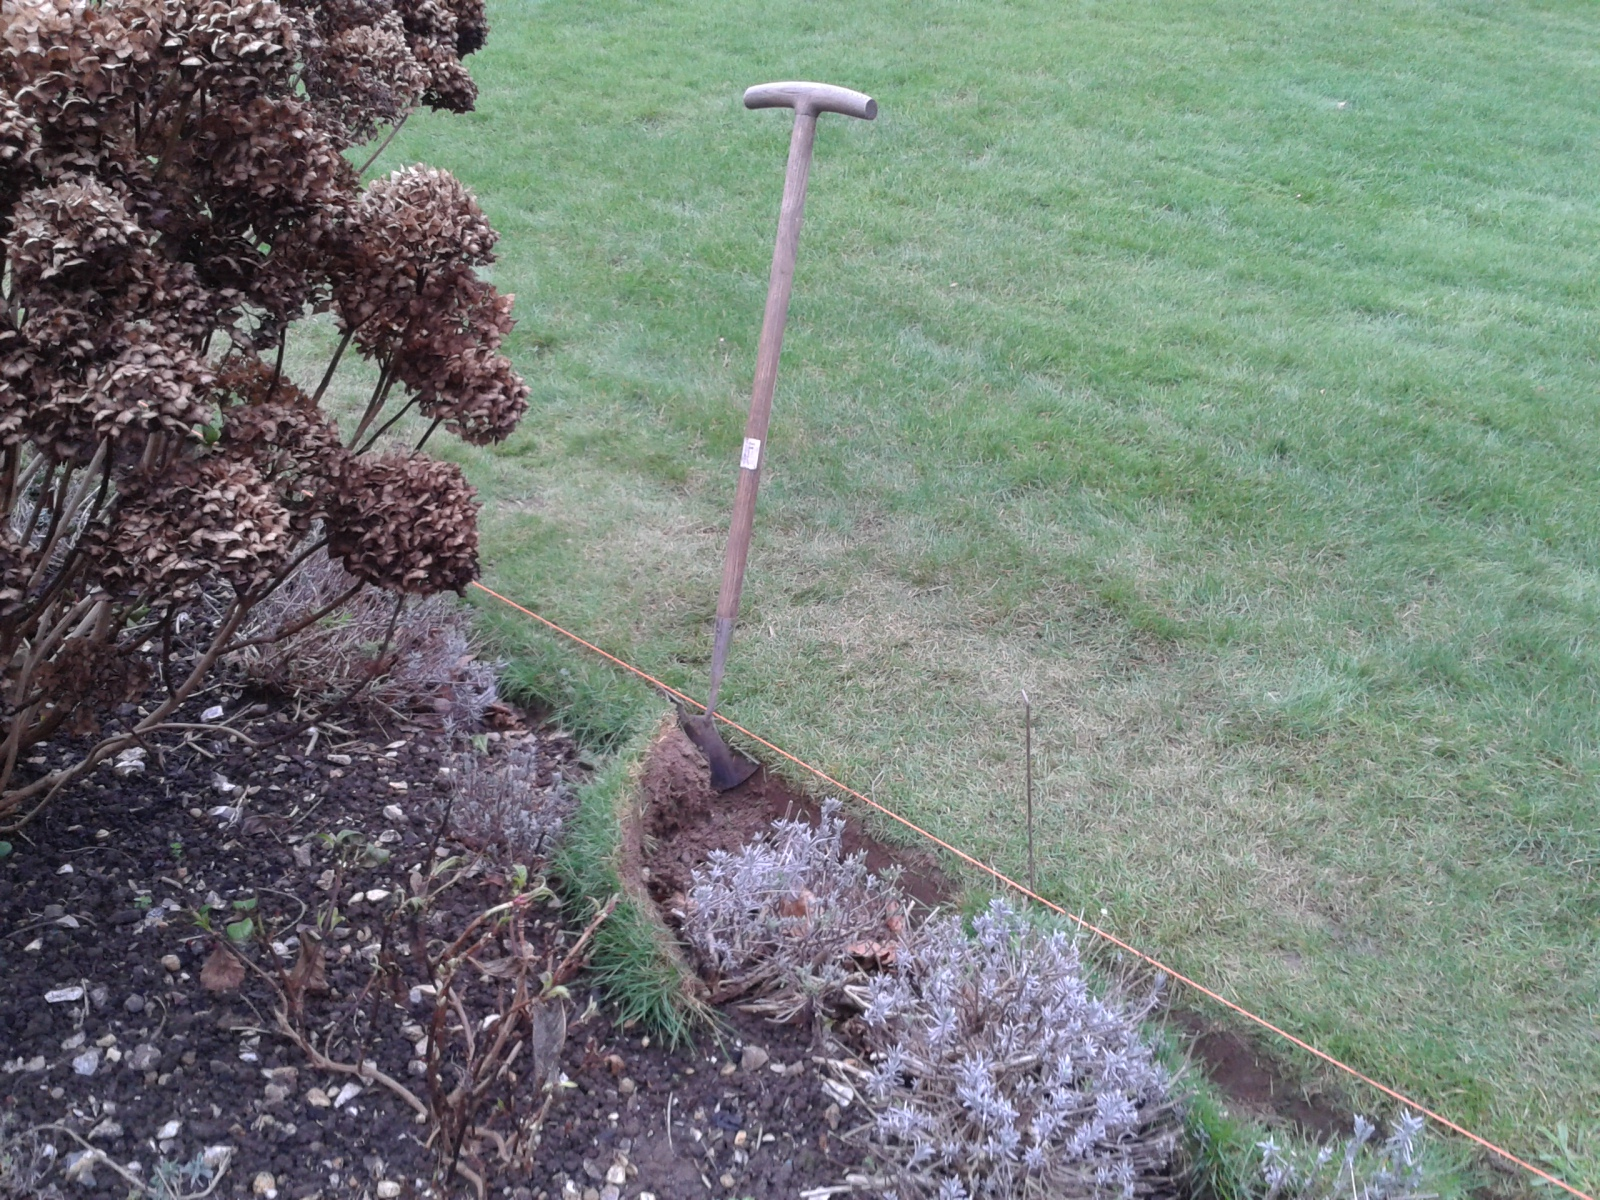 A crisp lawn edge is an important design feature